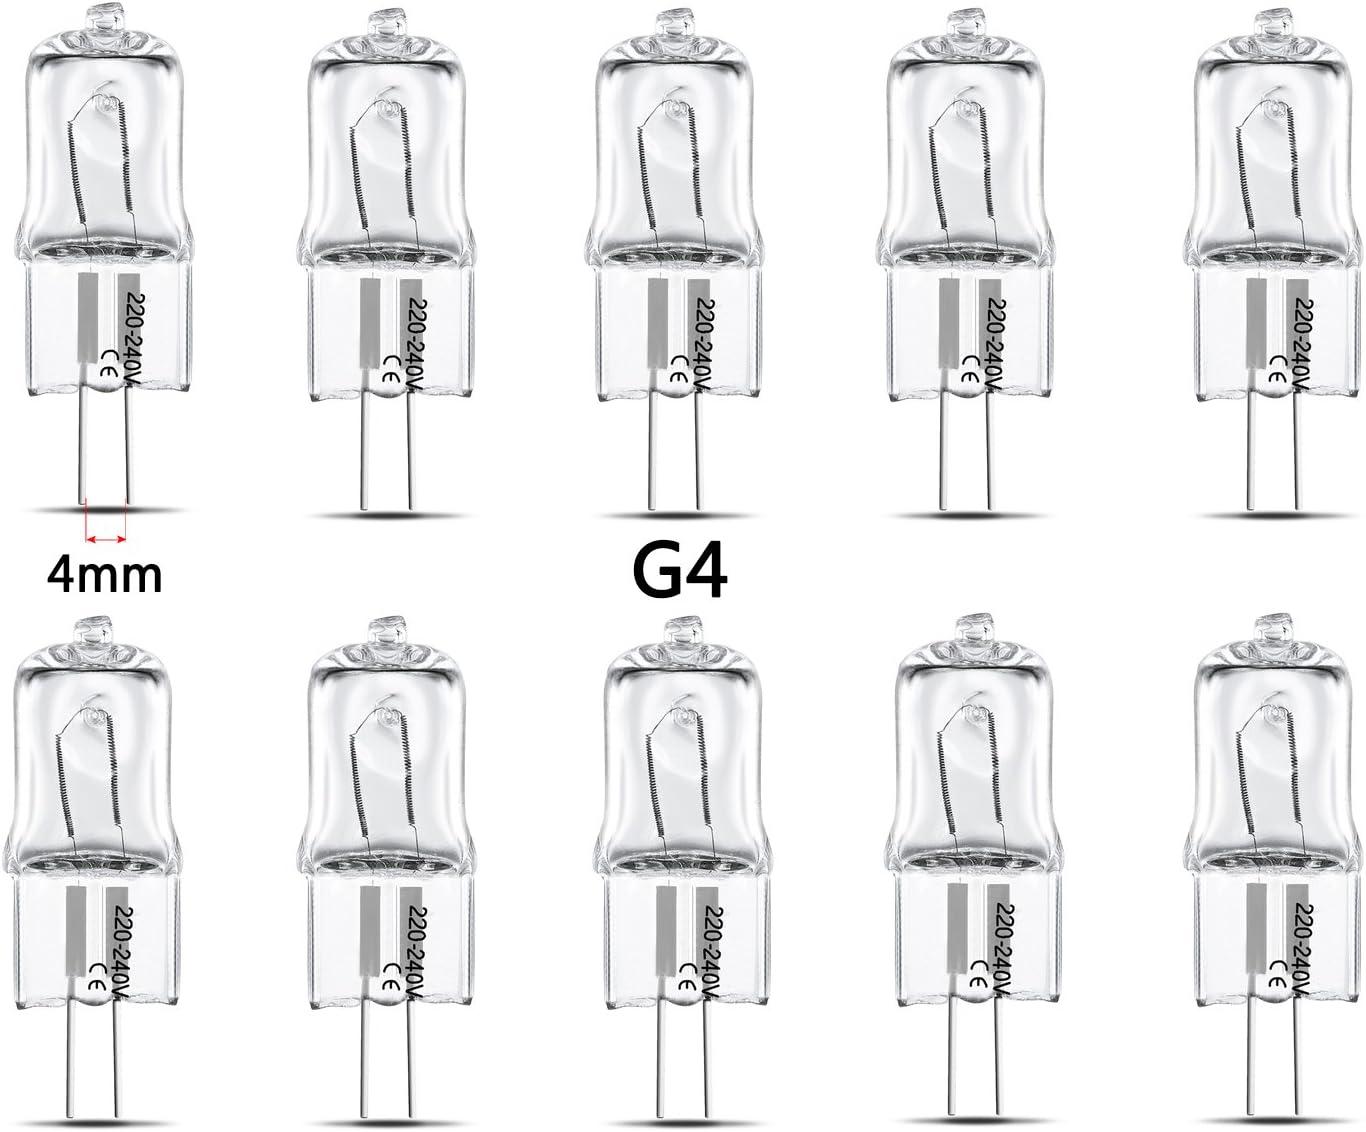 tinxi® Lámpara de la bombilla halógena G4 10x luz blanco cálido, lámpara de la cápsula, de 10 vatios, blanco cálido, 12V 24V 36V